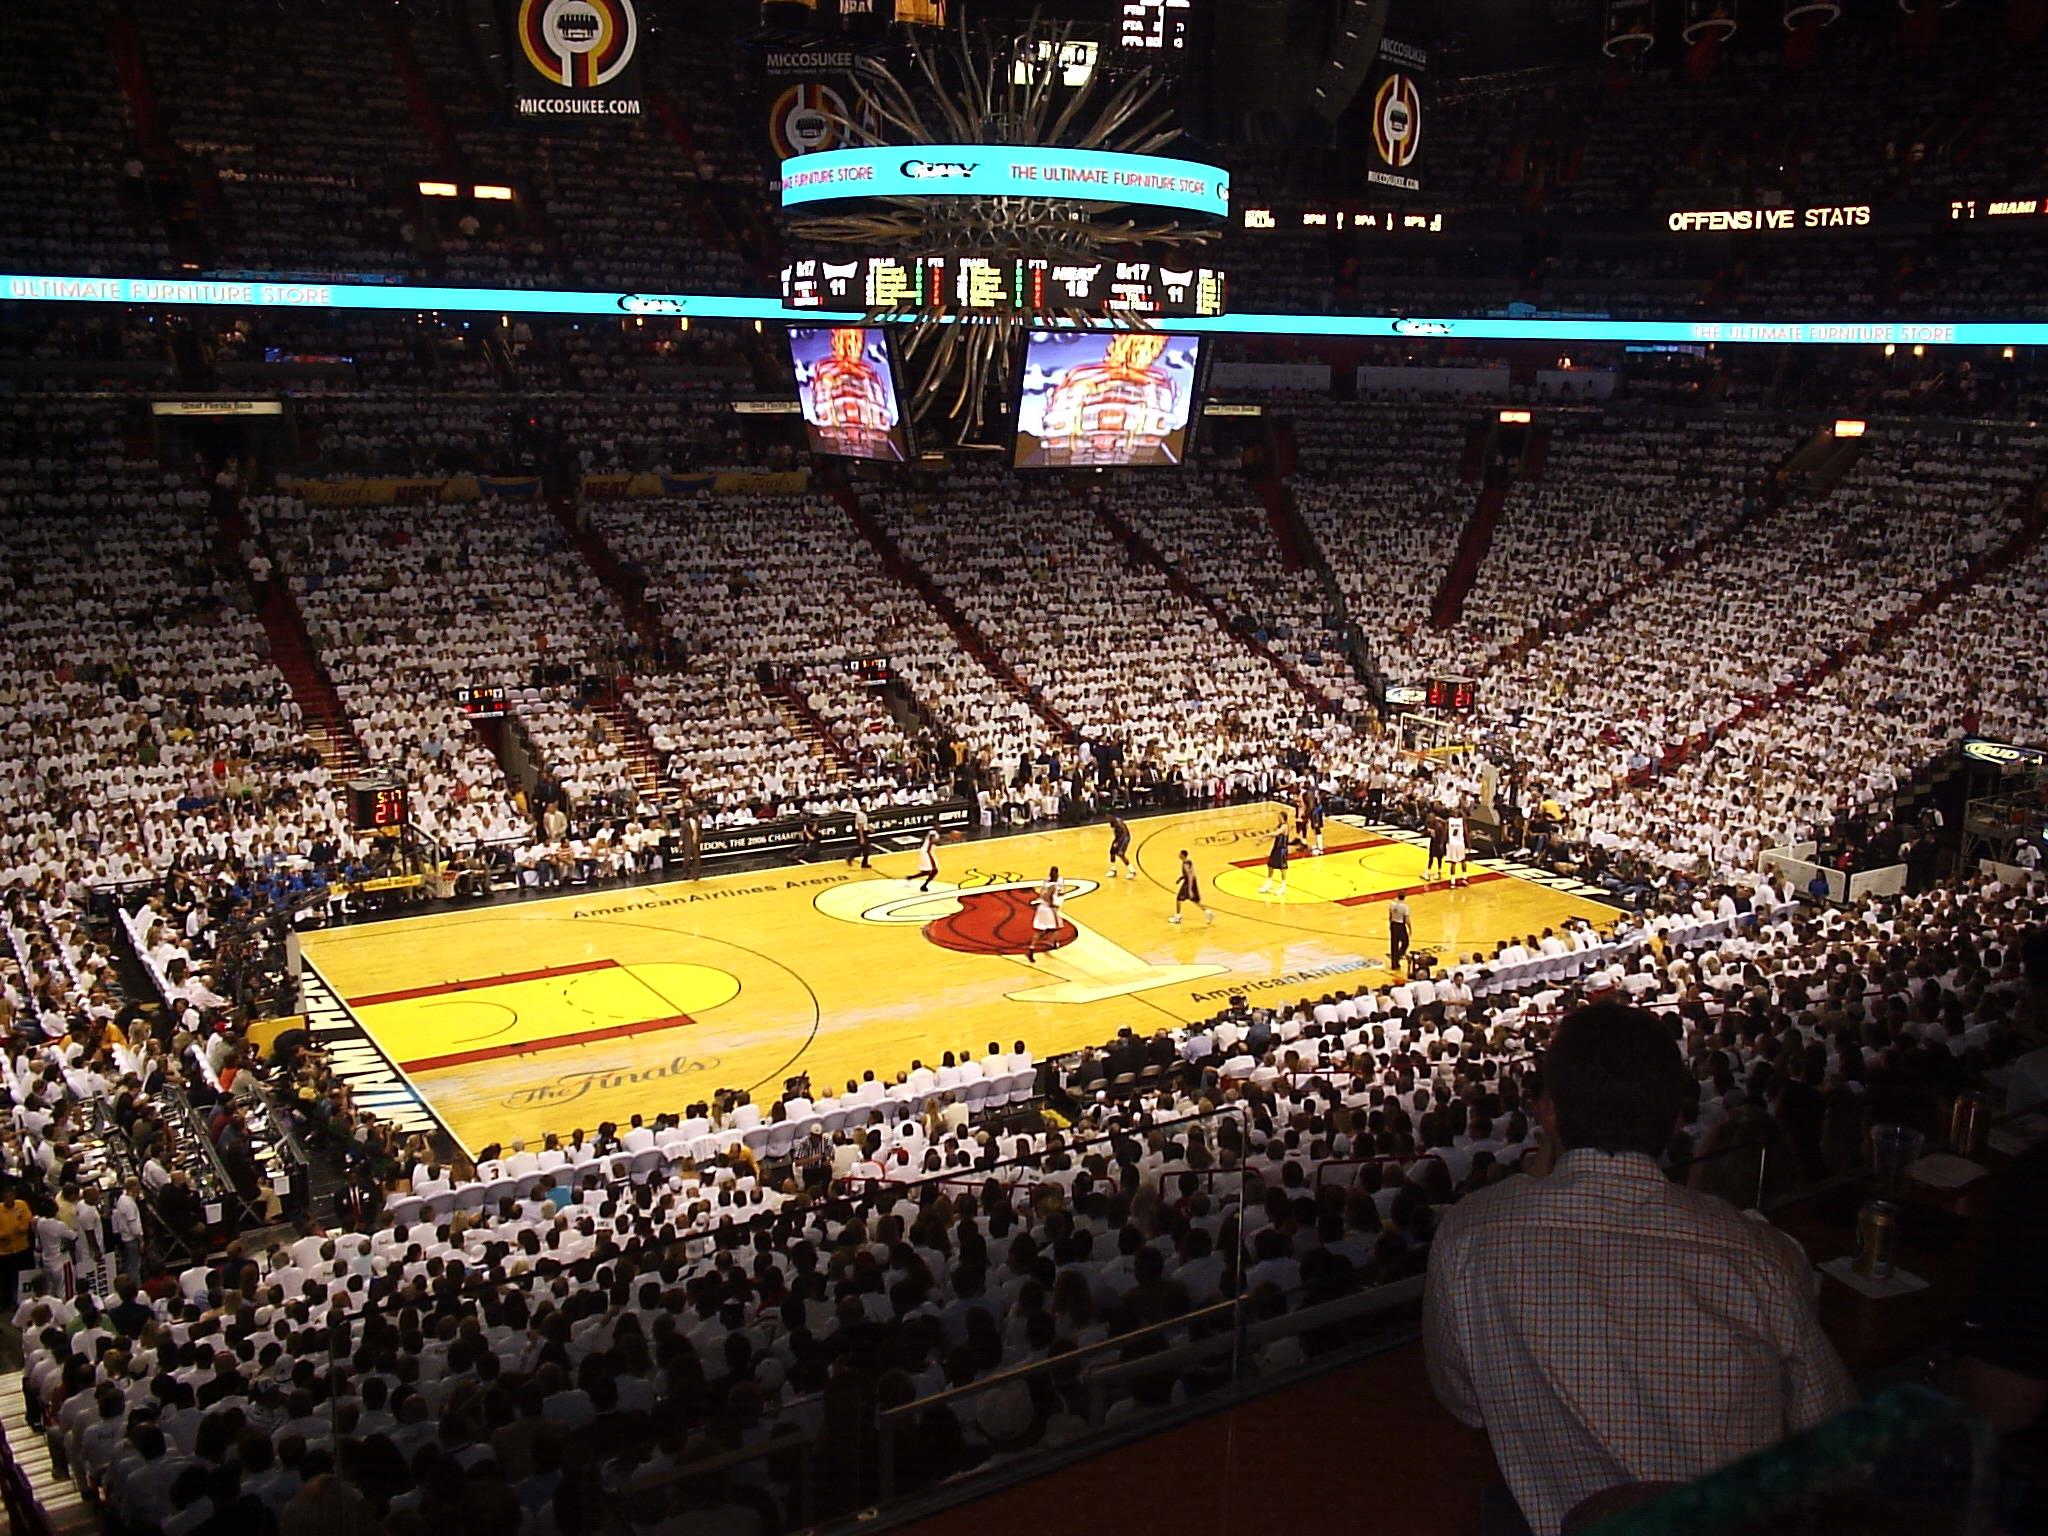 Говорят, NBA в «Пузыре» не смотрят. Это чушь